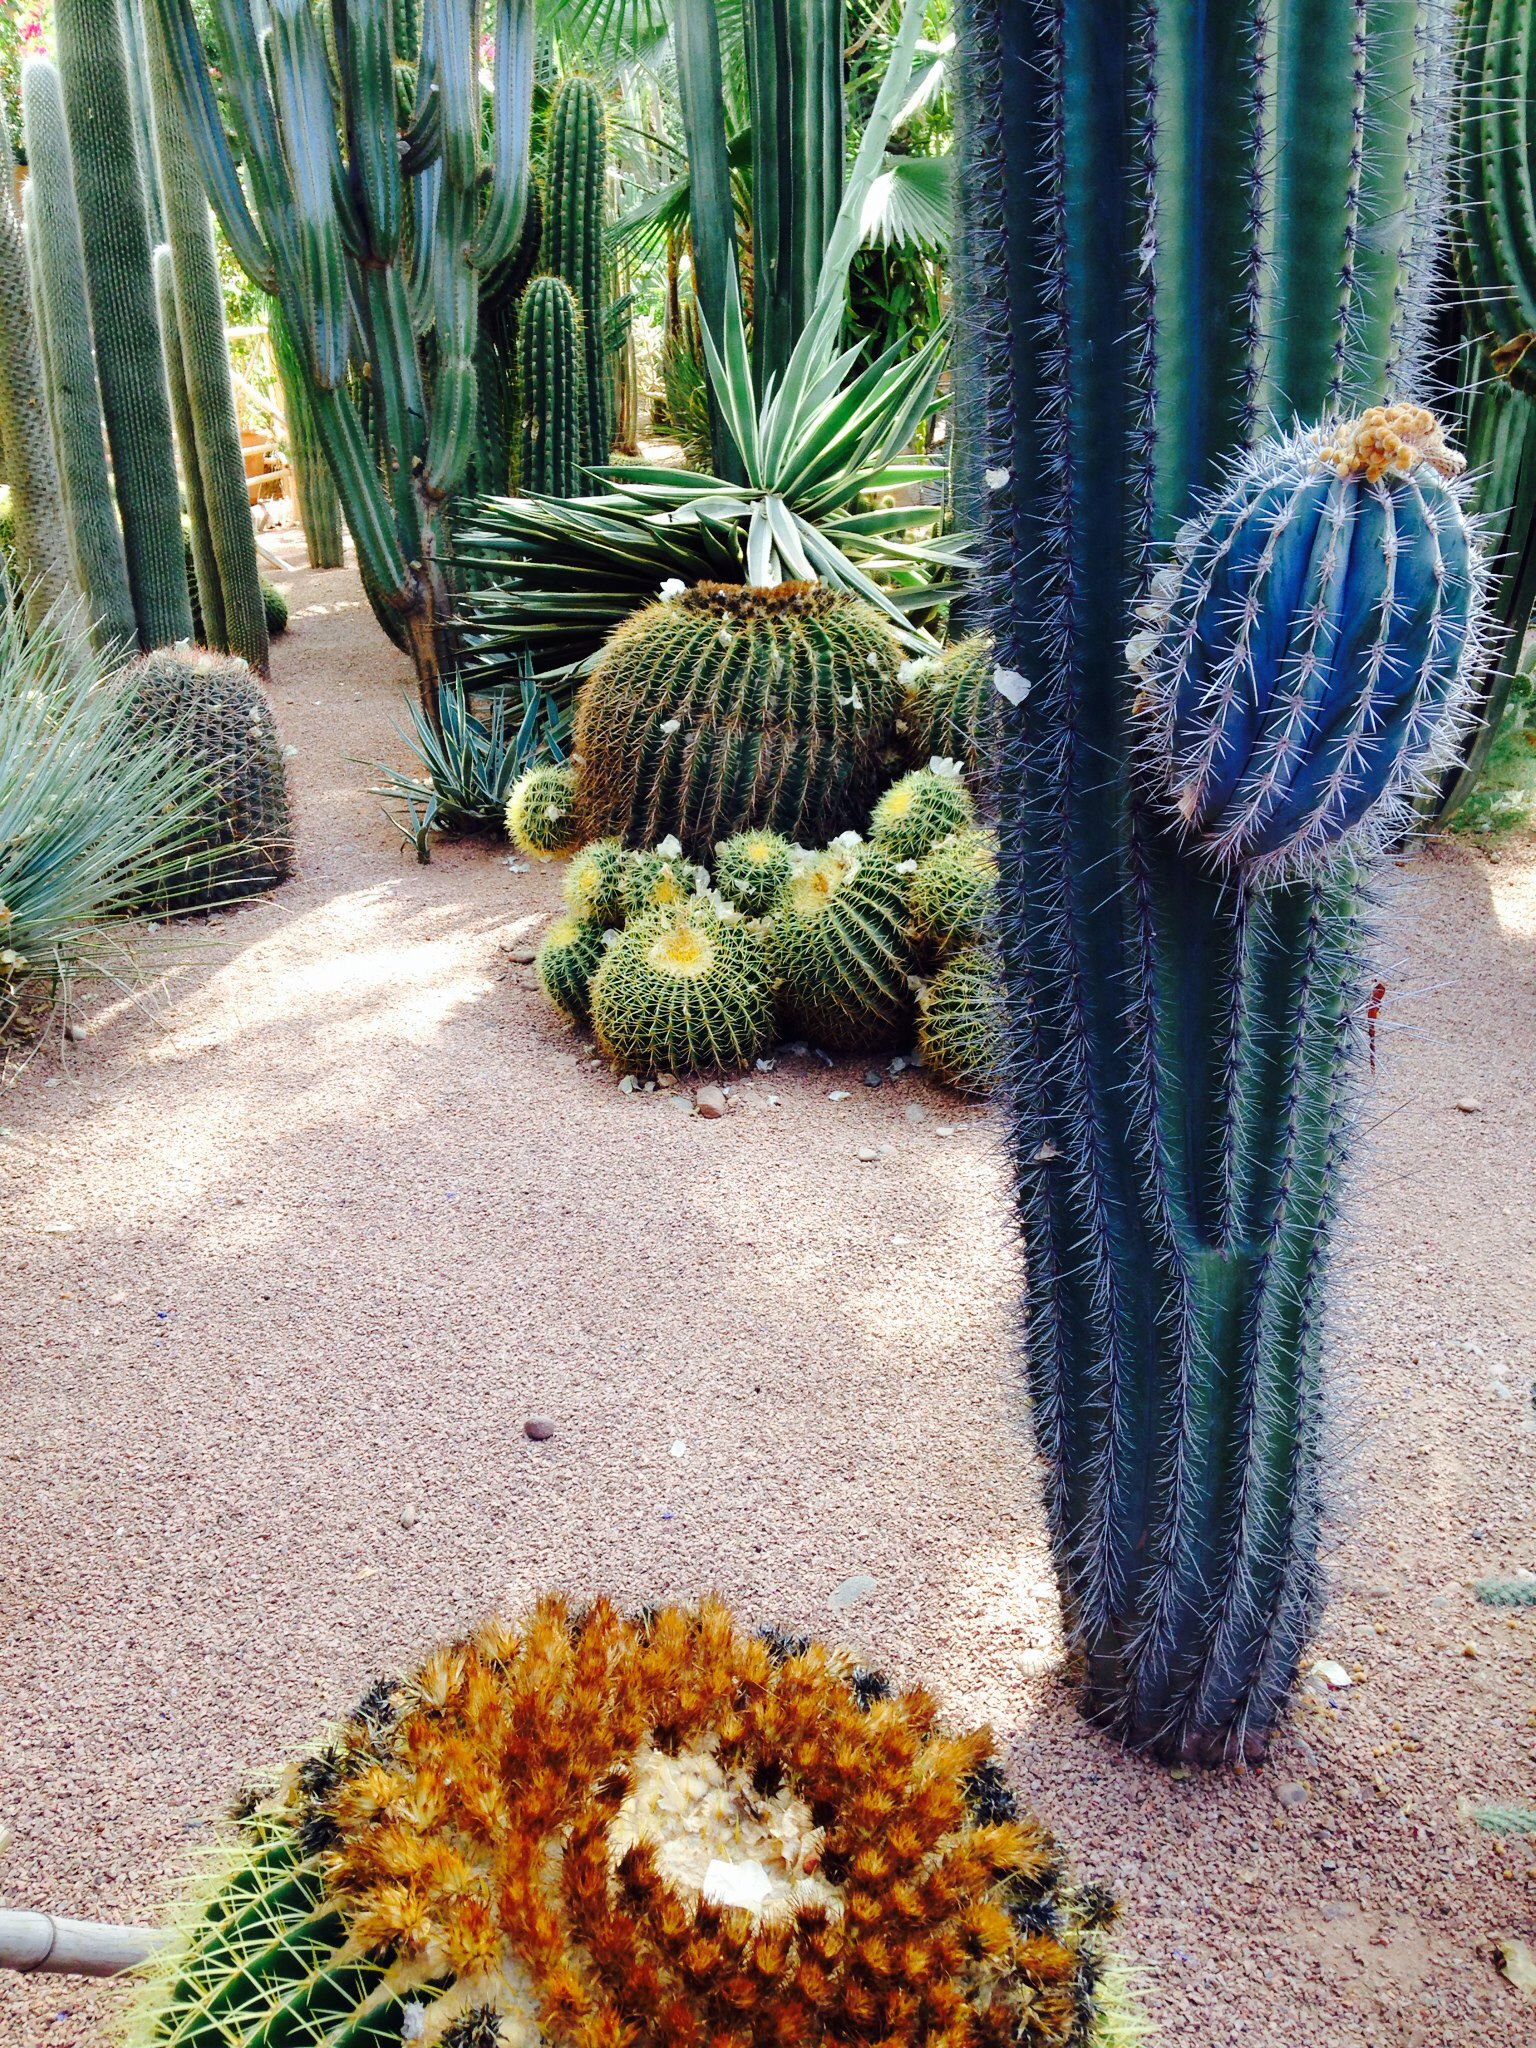 Tropic greens: The taste of Petrol and Porcelain | Interior design, Vintage Sets and Unique Pieces www.petrolandporcelain.com Jardin Majorelle Marrakech